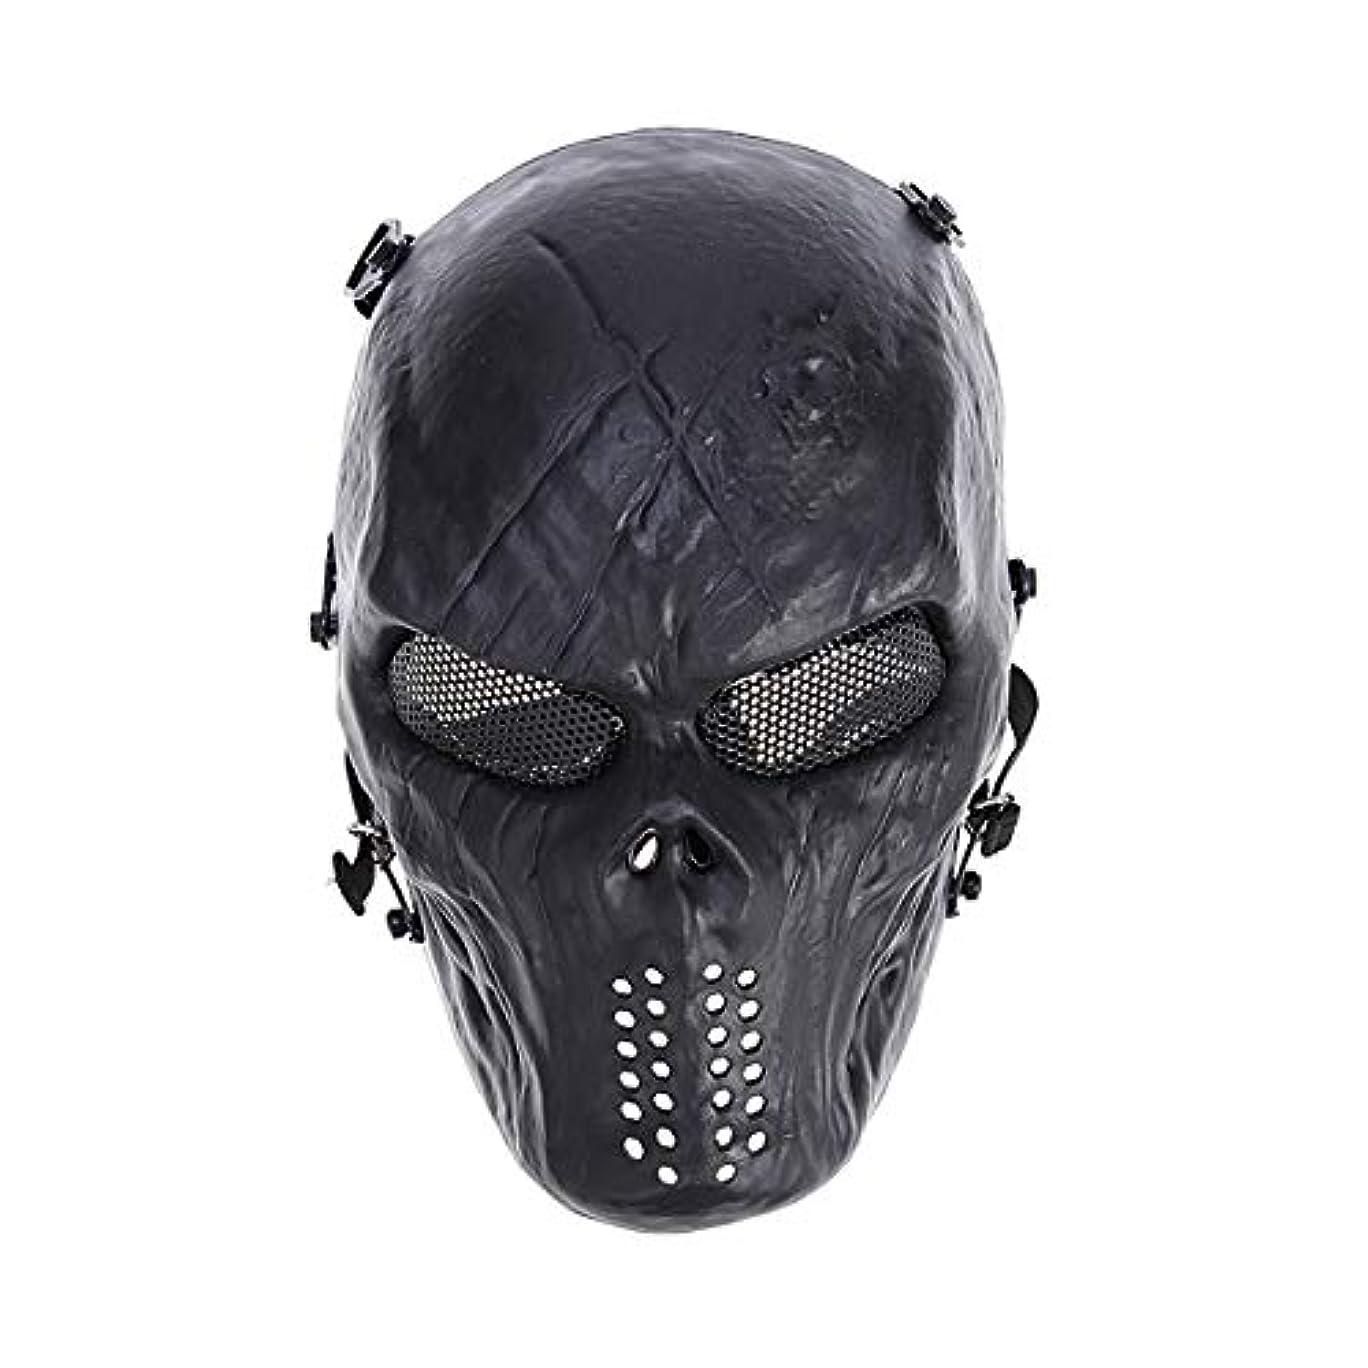 ブロッサム貝殻許さないVORCOOL CSフィールドマスクハロウィンパーティーコスチュームマスク調整可能な戦術マスク戦闘保護顔耳保護征服マスク(黒)